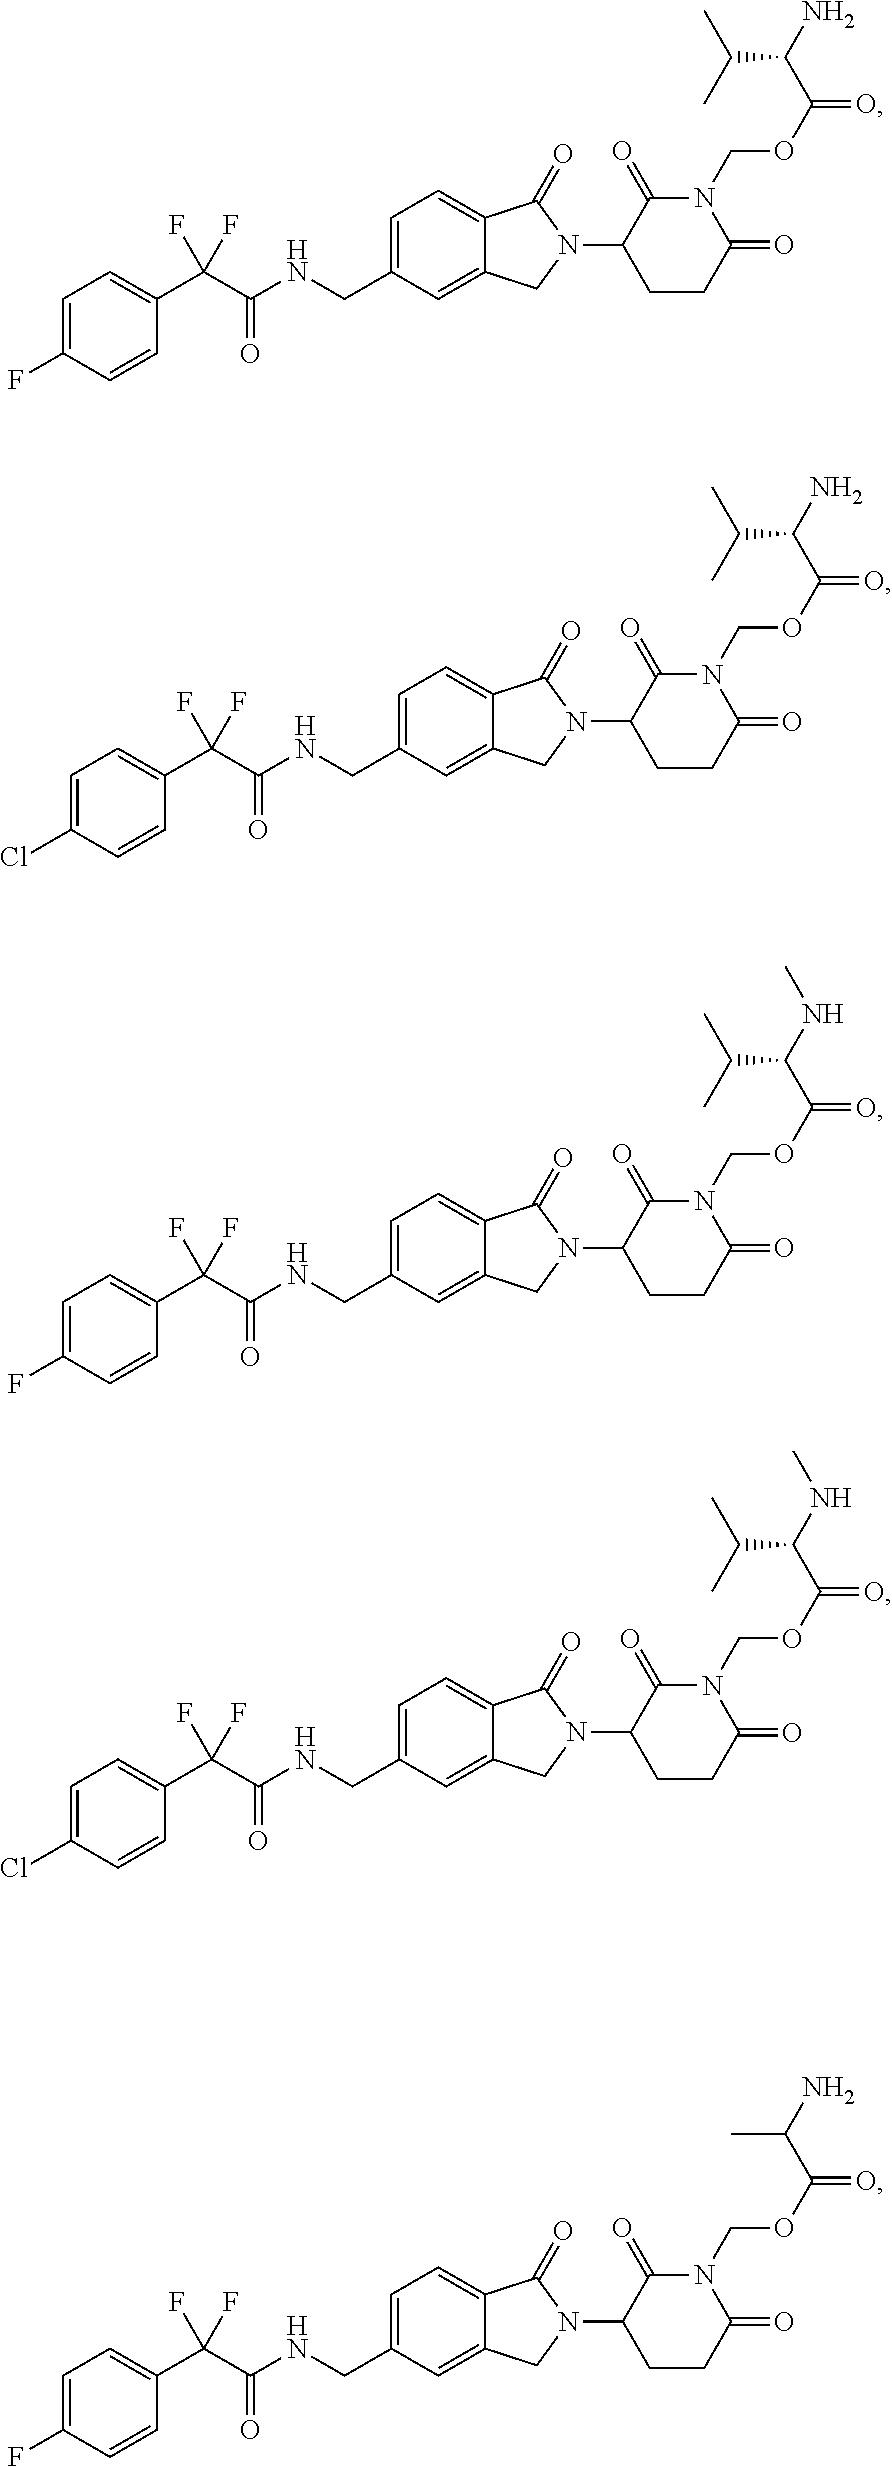 Figure US09938254-20180410-C00045